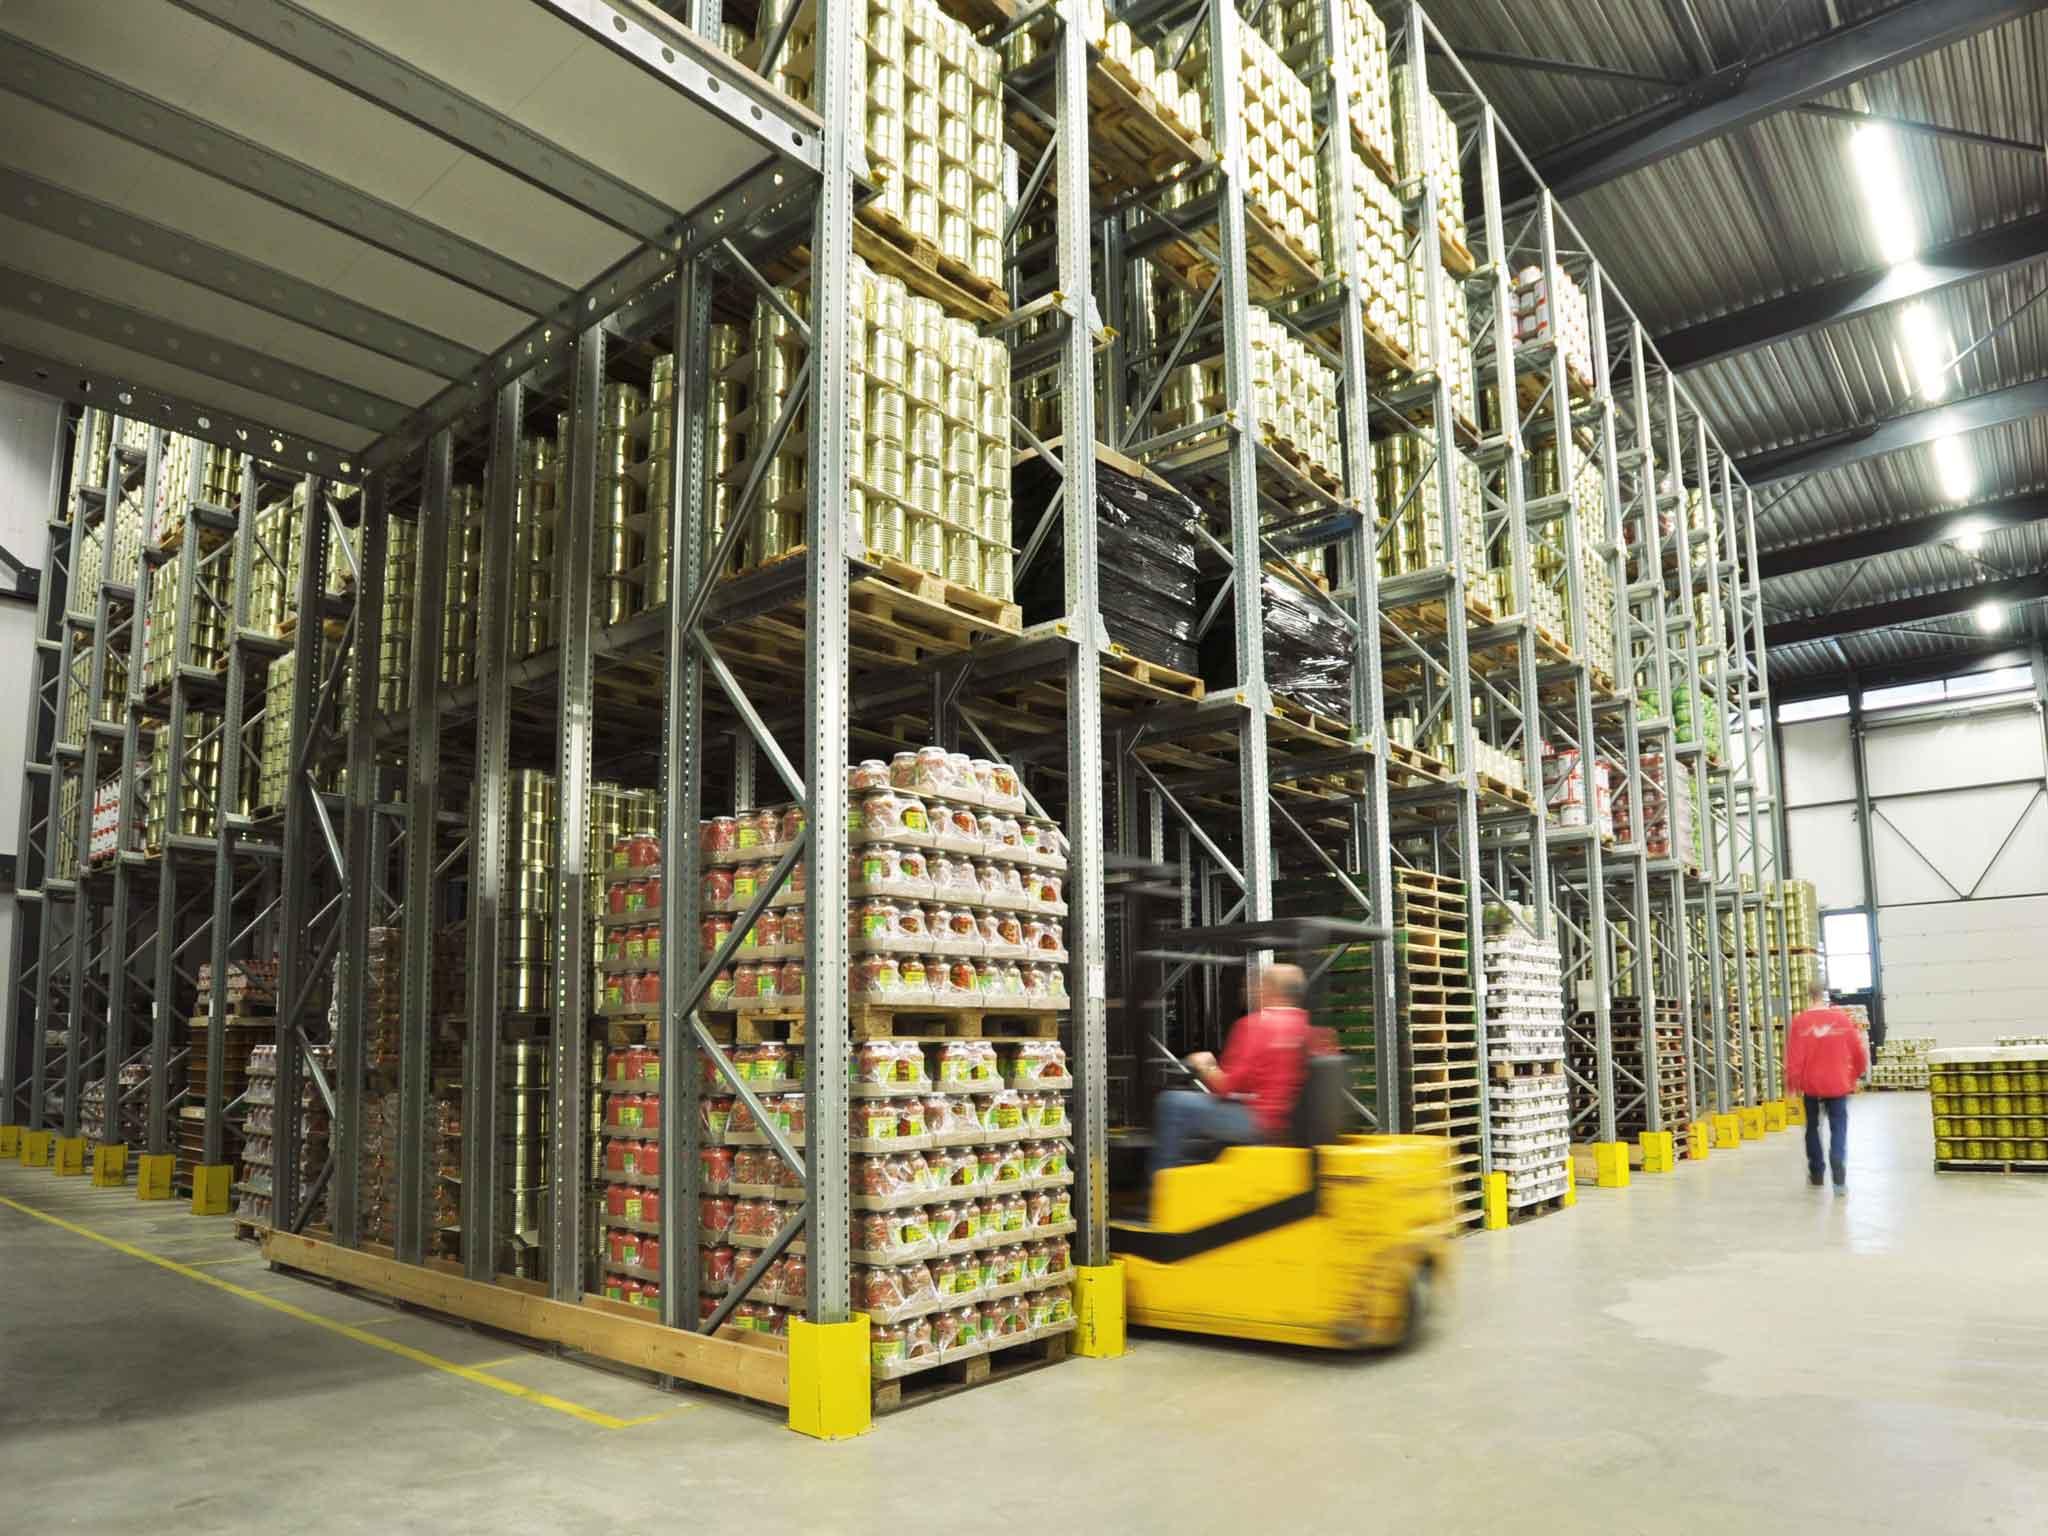 可供參考的倉儲管理制度